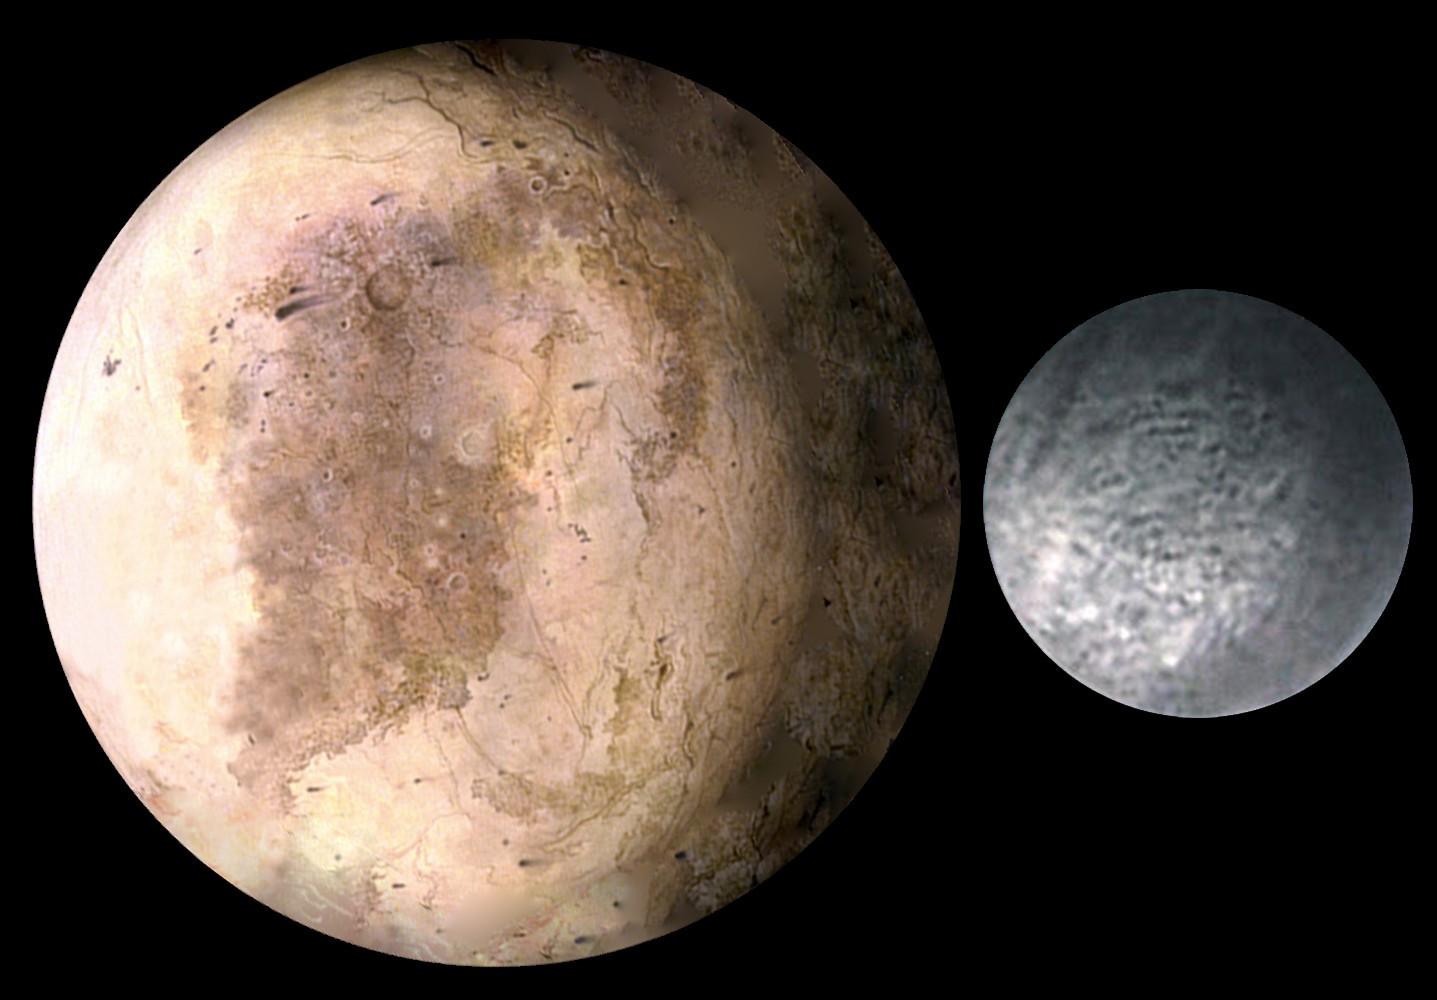 плутон и харон фото поэтому столько